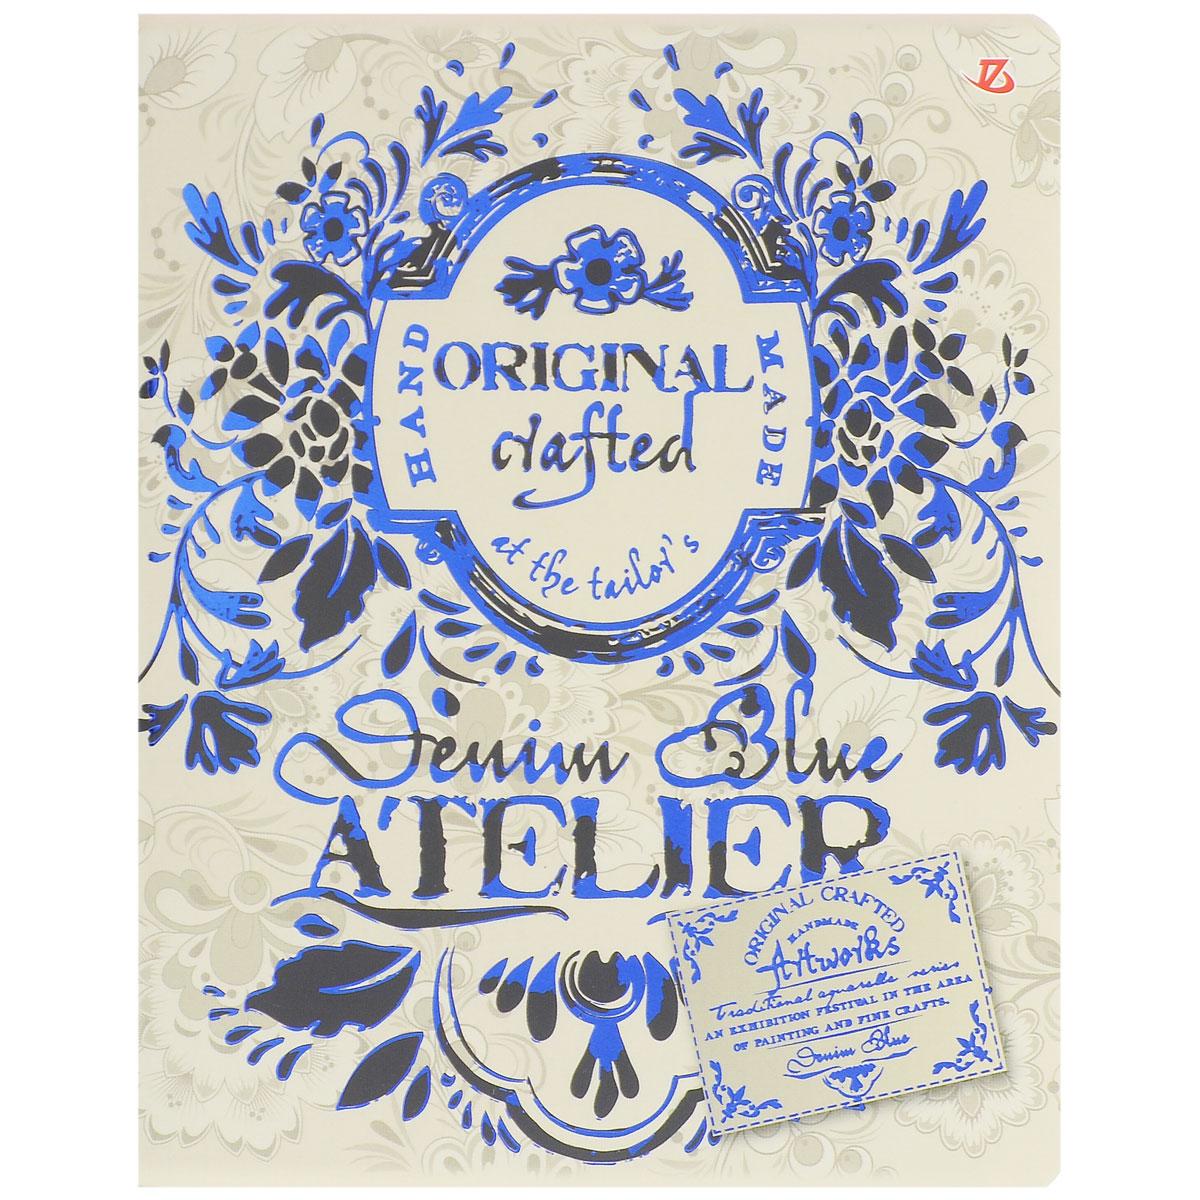 Тетрадь в клетку Seventeen Гжель, цвет: бежевый, 60 листов7231/5_бежевыйТетрадь Seventeen Гжель изготовлена из высококачественной бумаги повышенной белизны. Обложка тетради с элементами тиснения синей фольгой выполнена из мелованного картона с закругленными углами. Внутренний блок тетради, соединенный металлическими скрепками, состоит из 60 листов белой бумаги со стандартной линовкой в клетку с полями. Первая страничка содержит поля для заполнения личных данных. Тетрадь Гжель подойдет для различных работ и студенту, и школьнику.